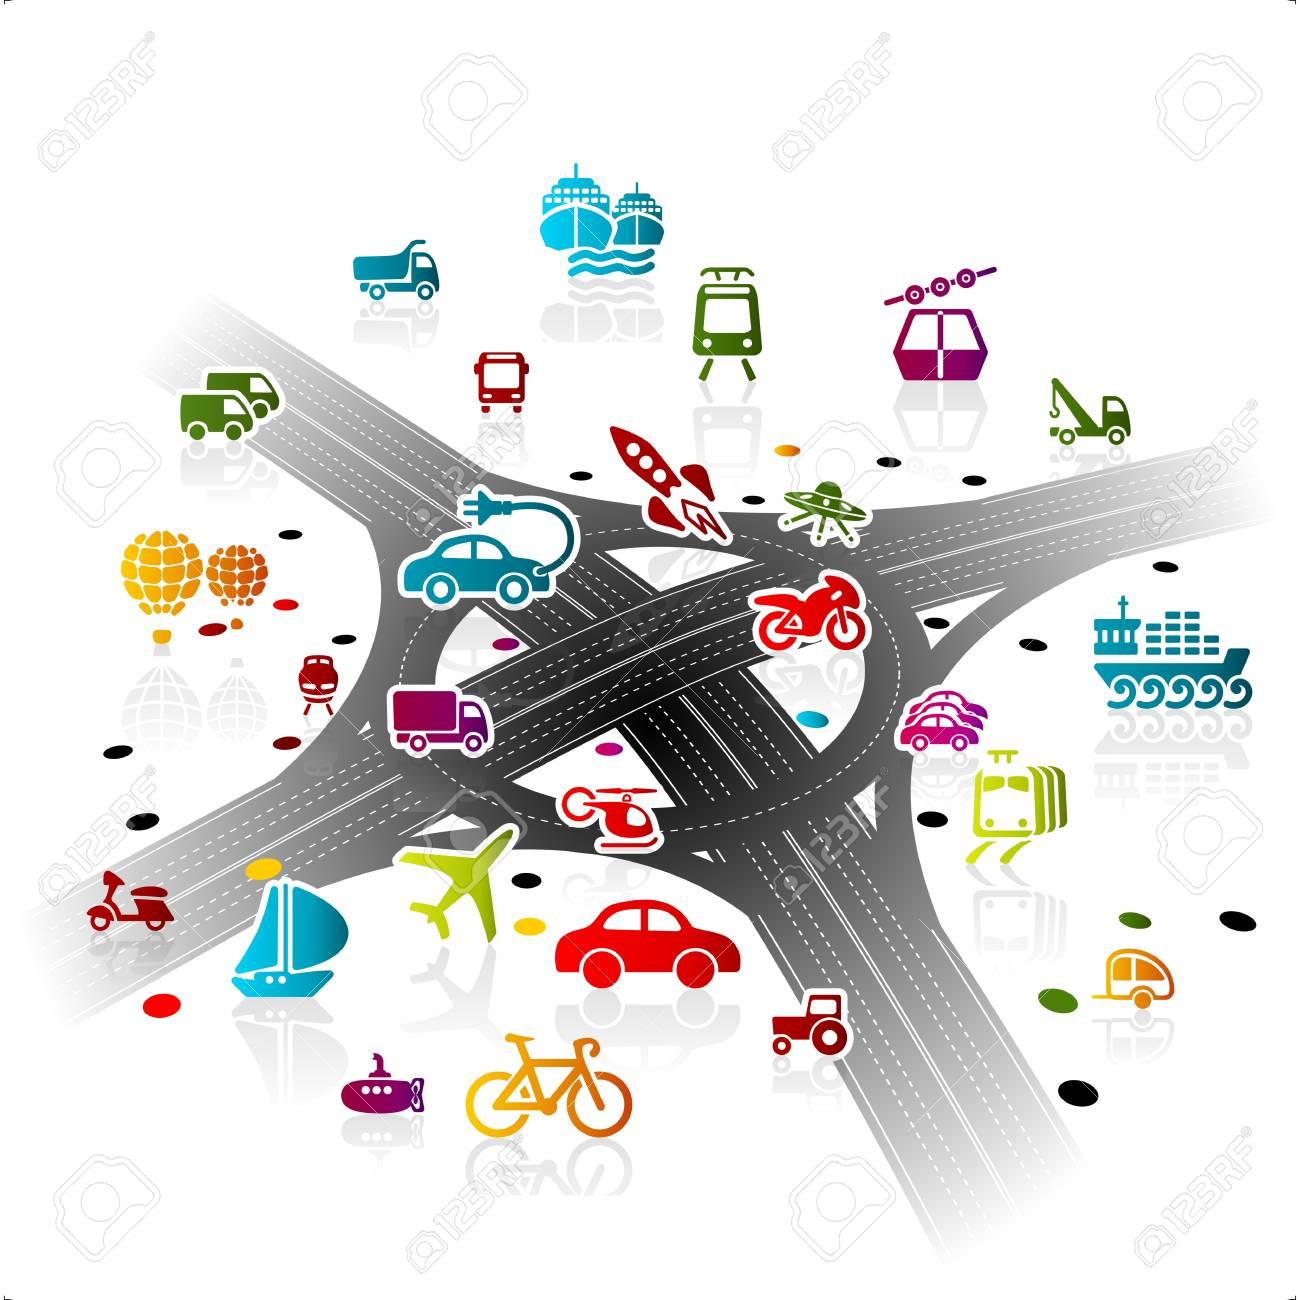 transport infrastructure concept illustration